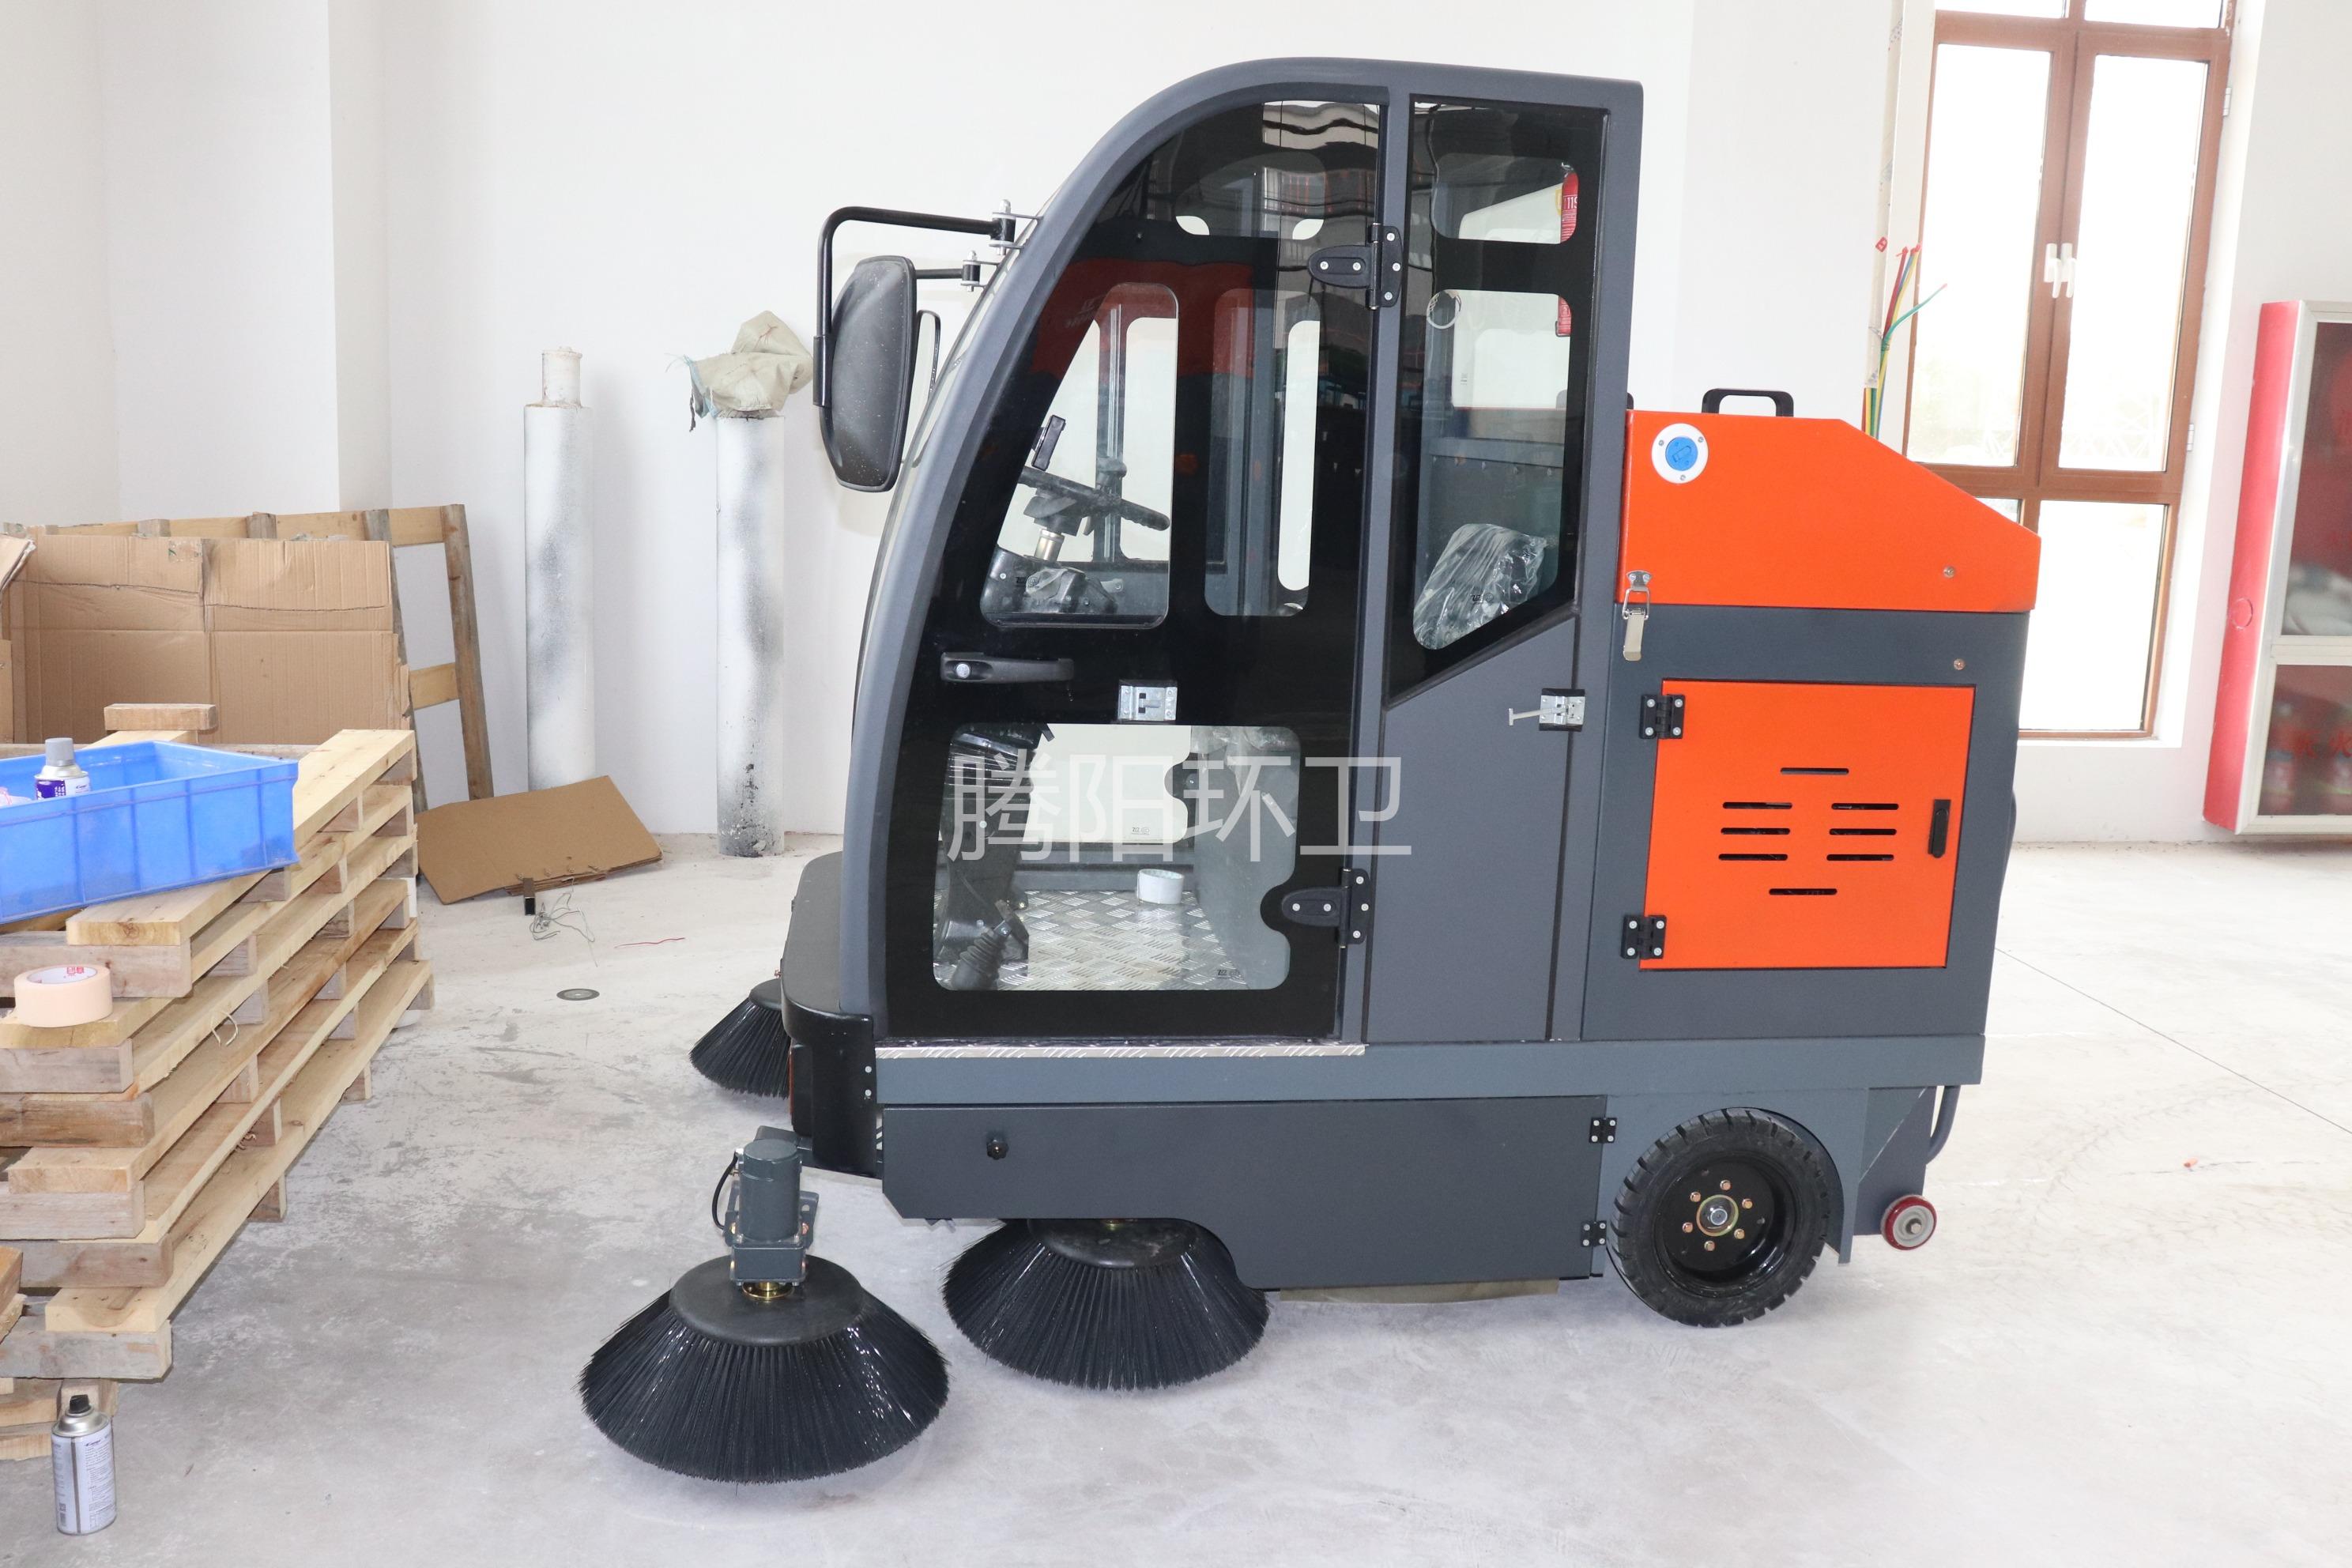 腾阳电动扫地车适合用来清扫水泥地面吗